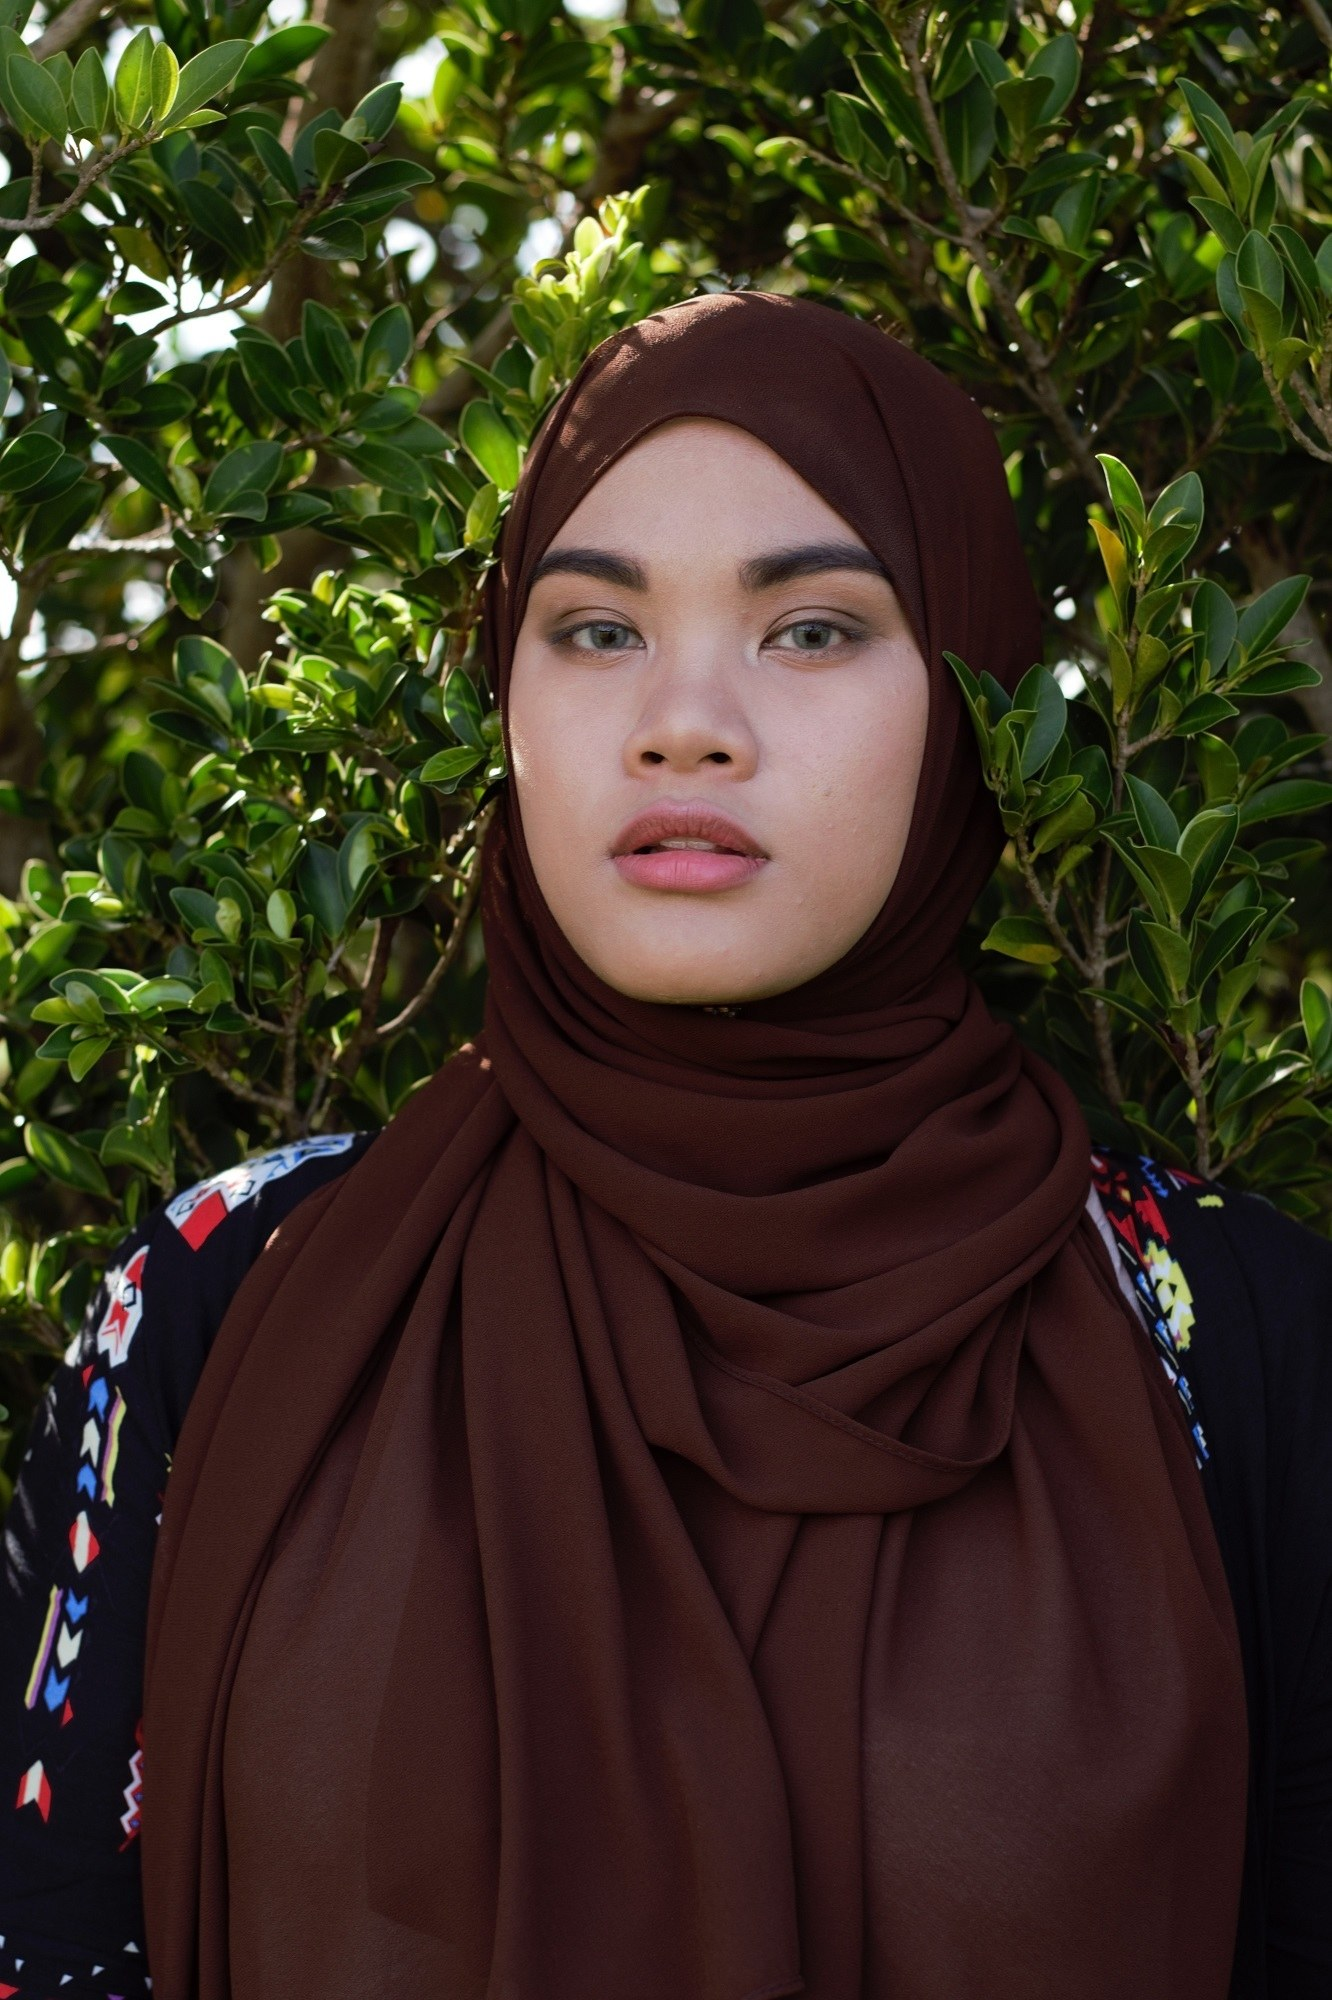 Wanita Asia memakai hijab sifon cokelat